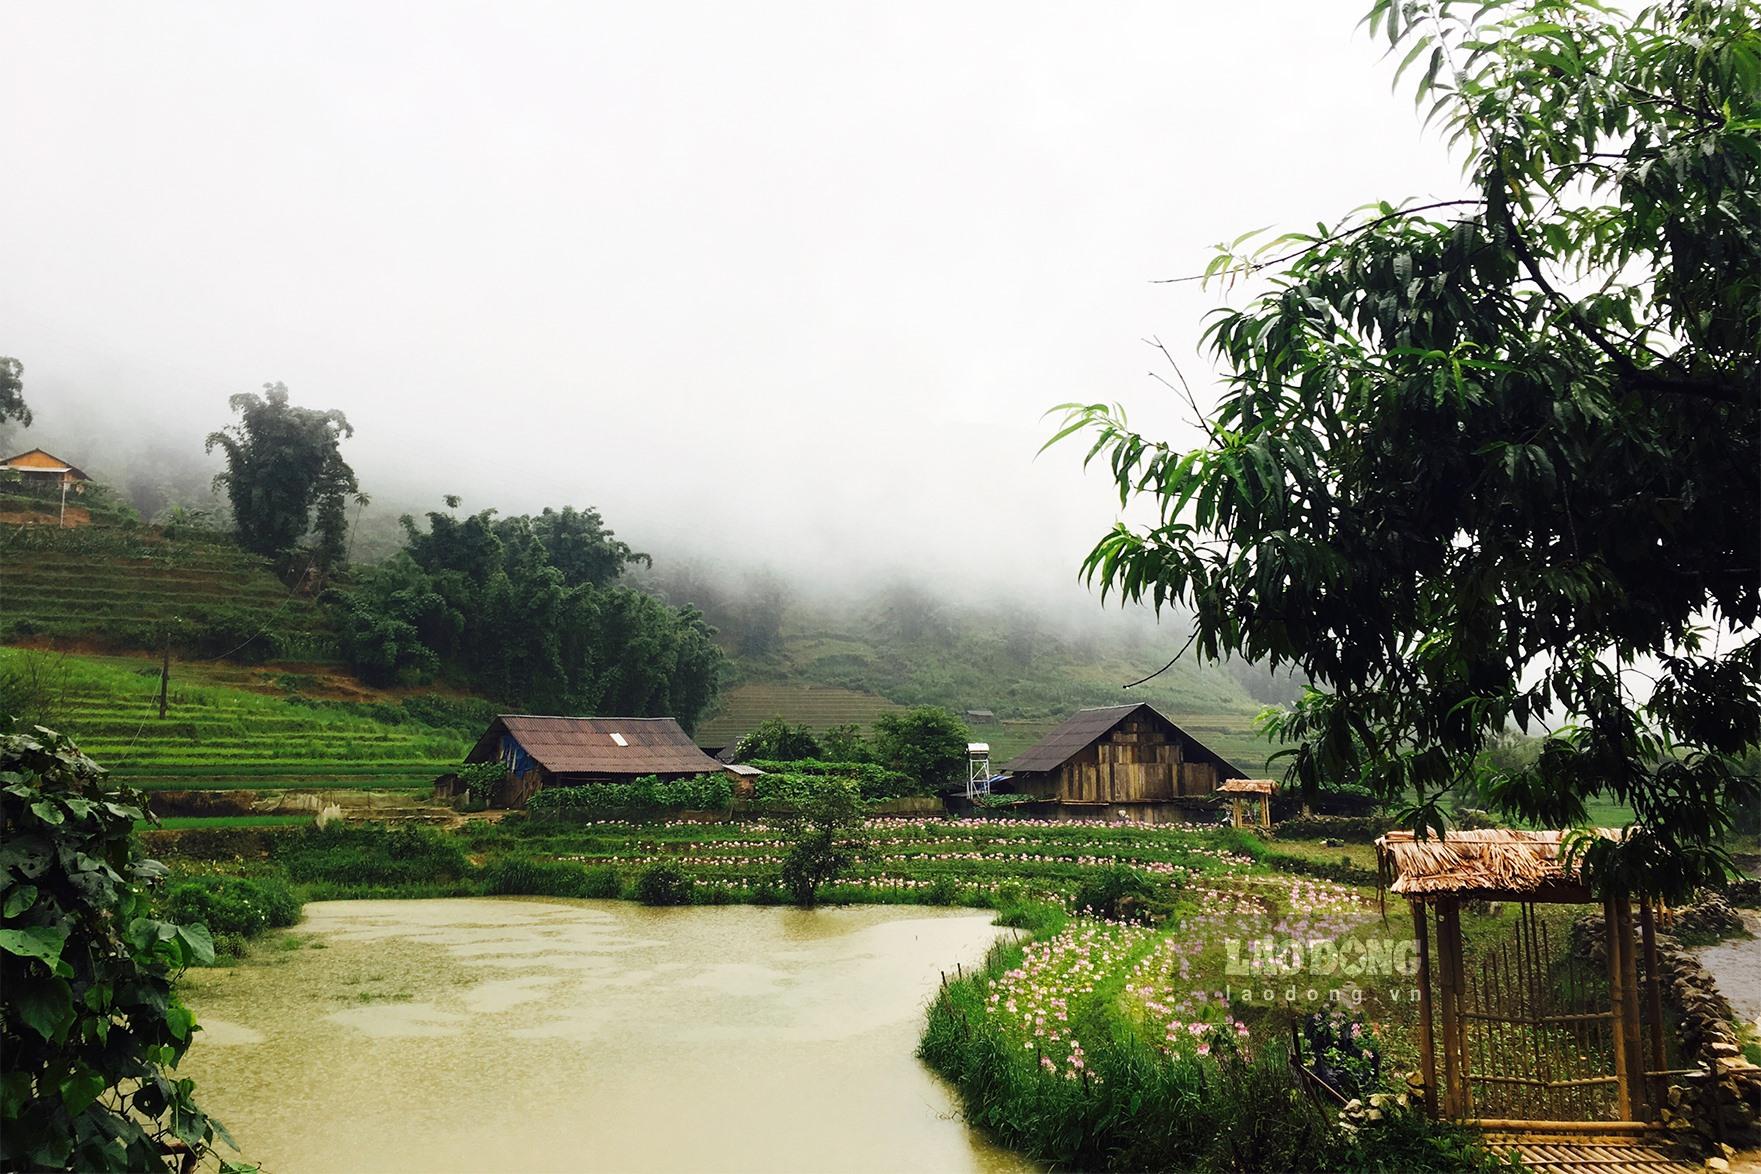 SCMP salue la beauté impressionnante d'un village du Vietnam